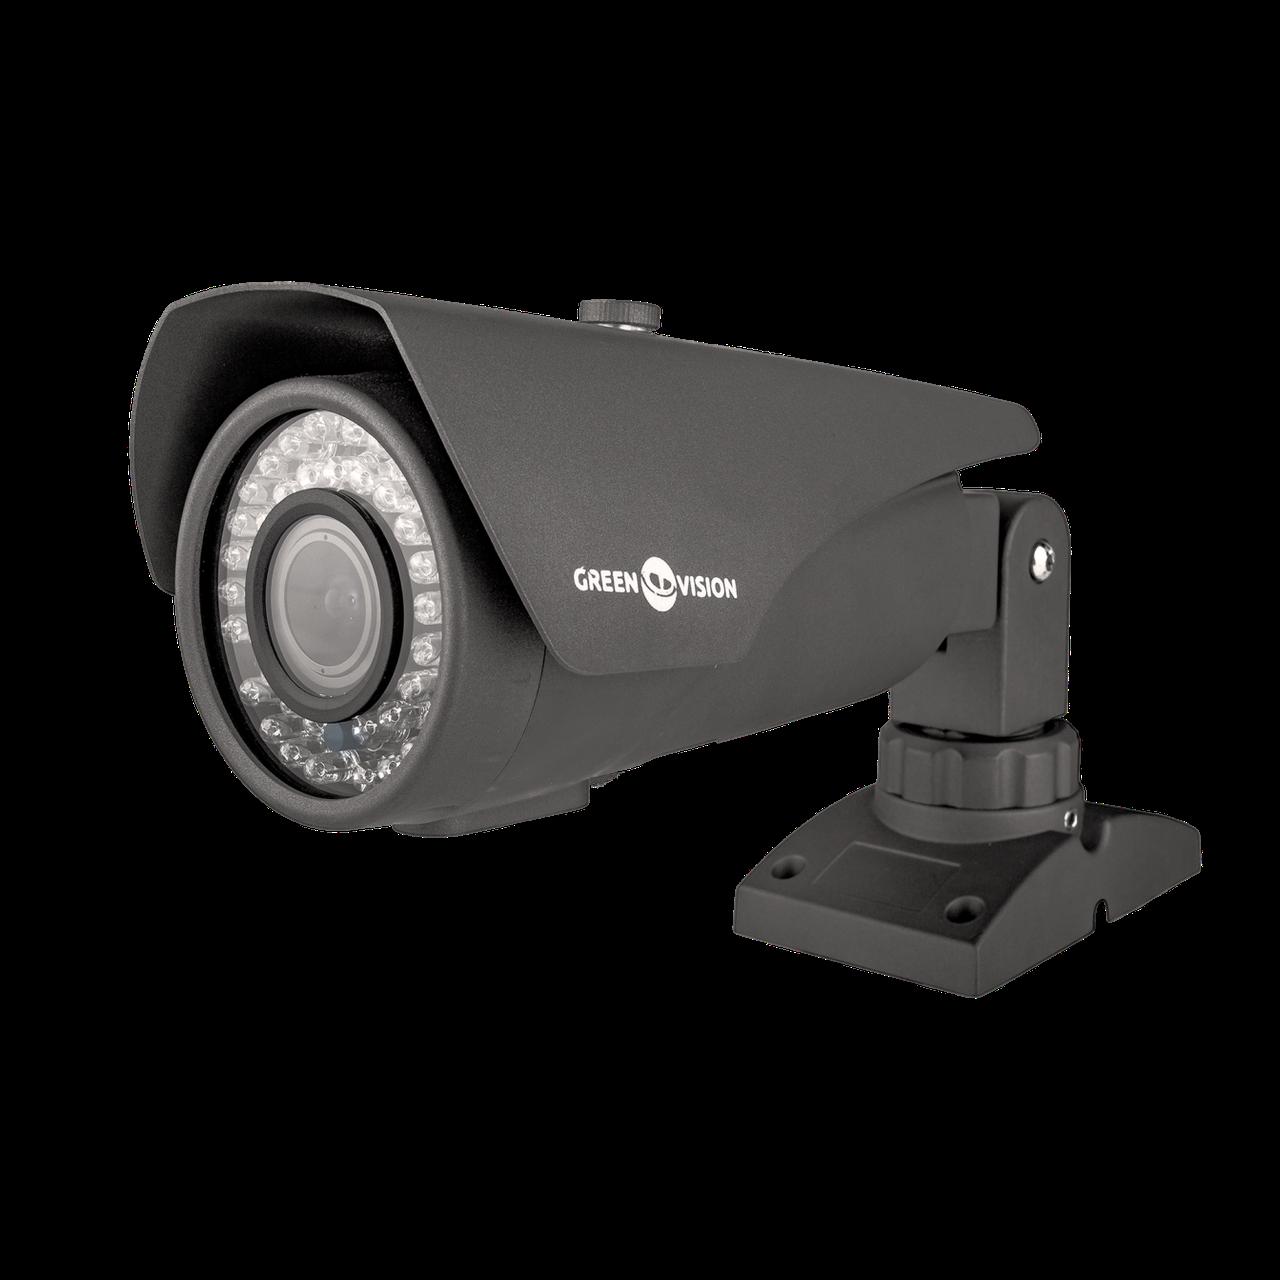 Гібридна Зовнішня камера GV-066-GHD-G-COS20V-40 1080P Без OSD